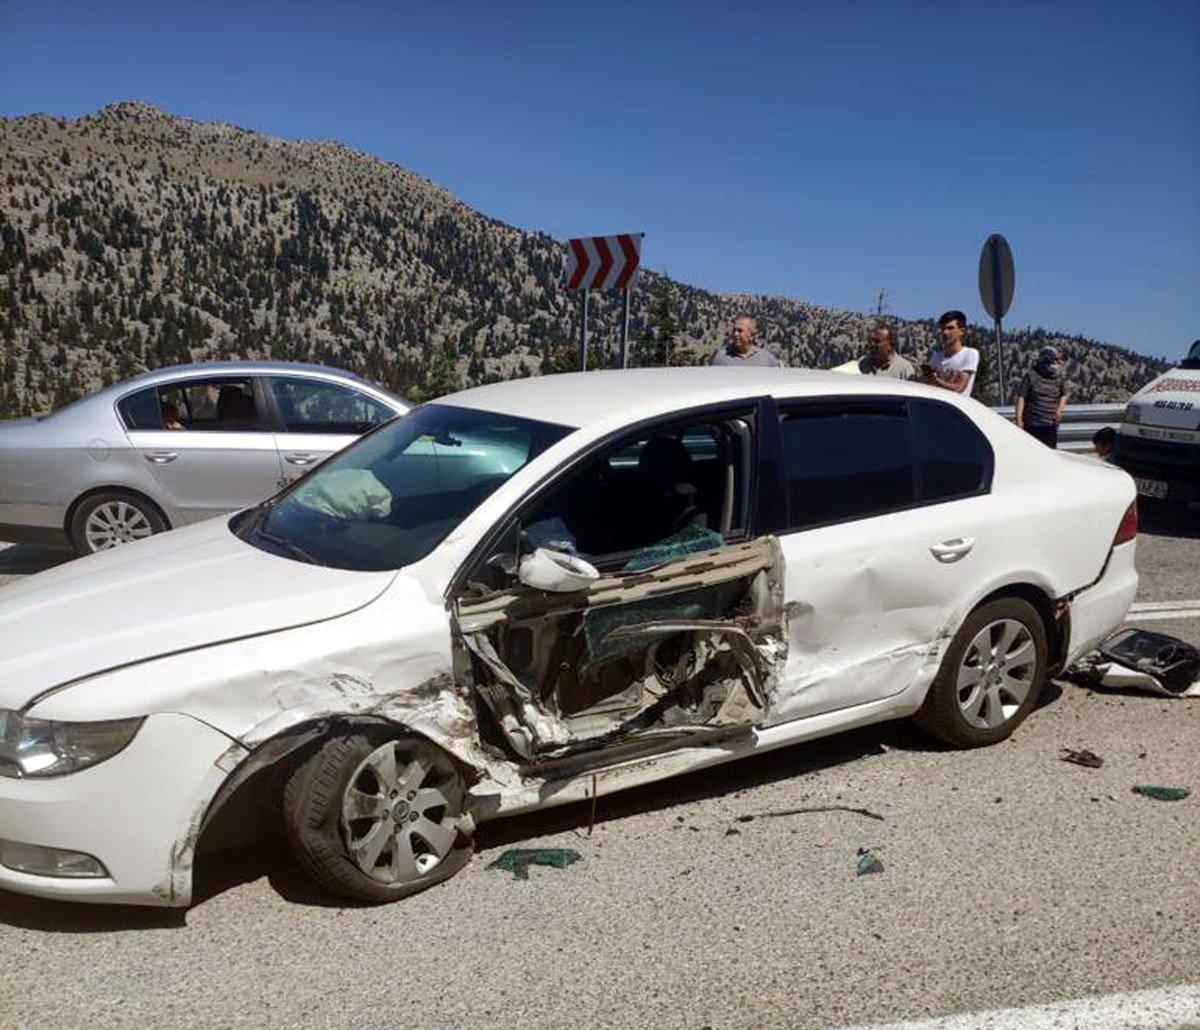 Antalya'da üç aracın karıştığı kazada 7 kişi yaralandı #1